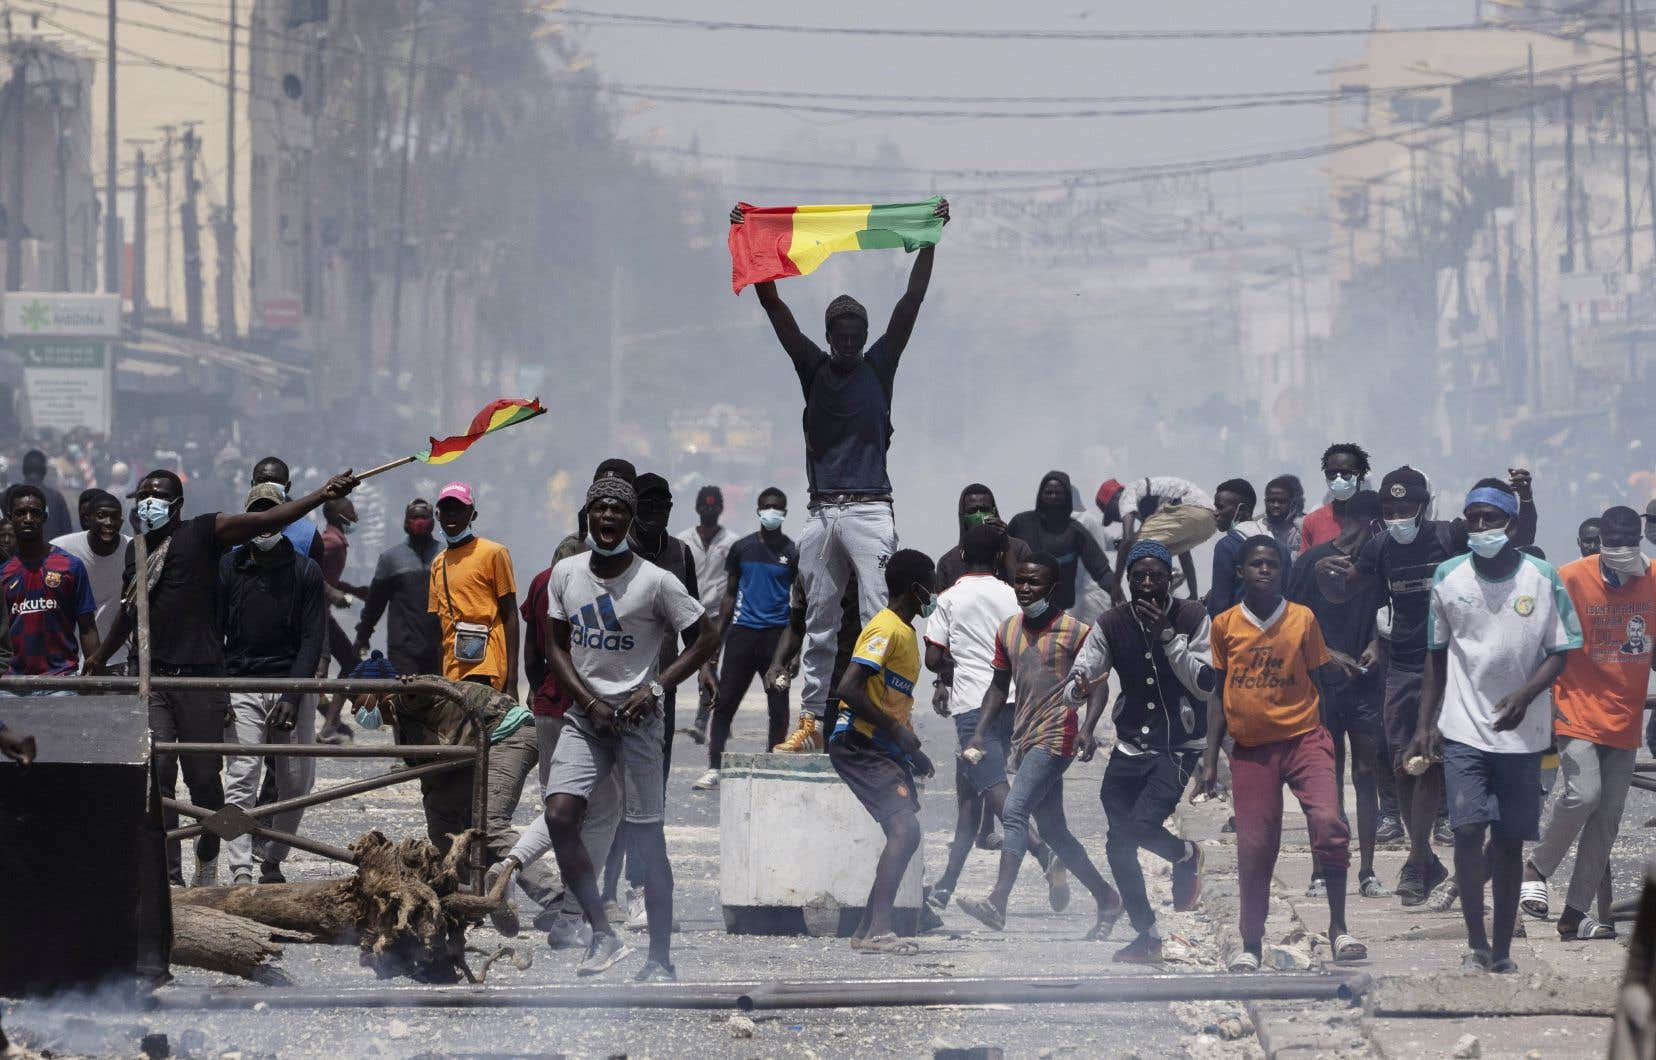 Au moins quatre personnes ont été tuées au cours de scènes de guérilla urbaine opposant les forces de l'ordre et des groupes de jeunes réclamant la libération de l'opposant Ousmane Sonko.